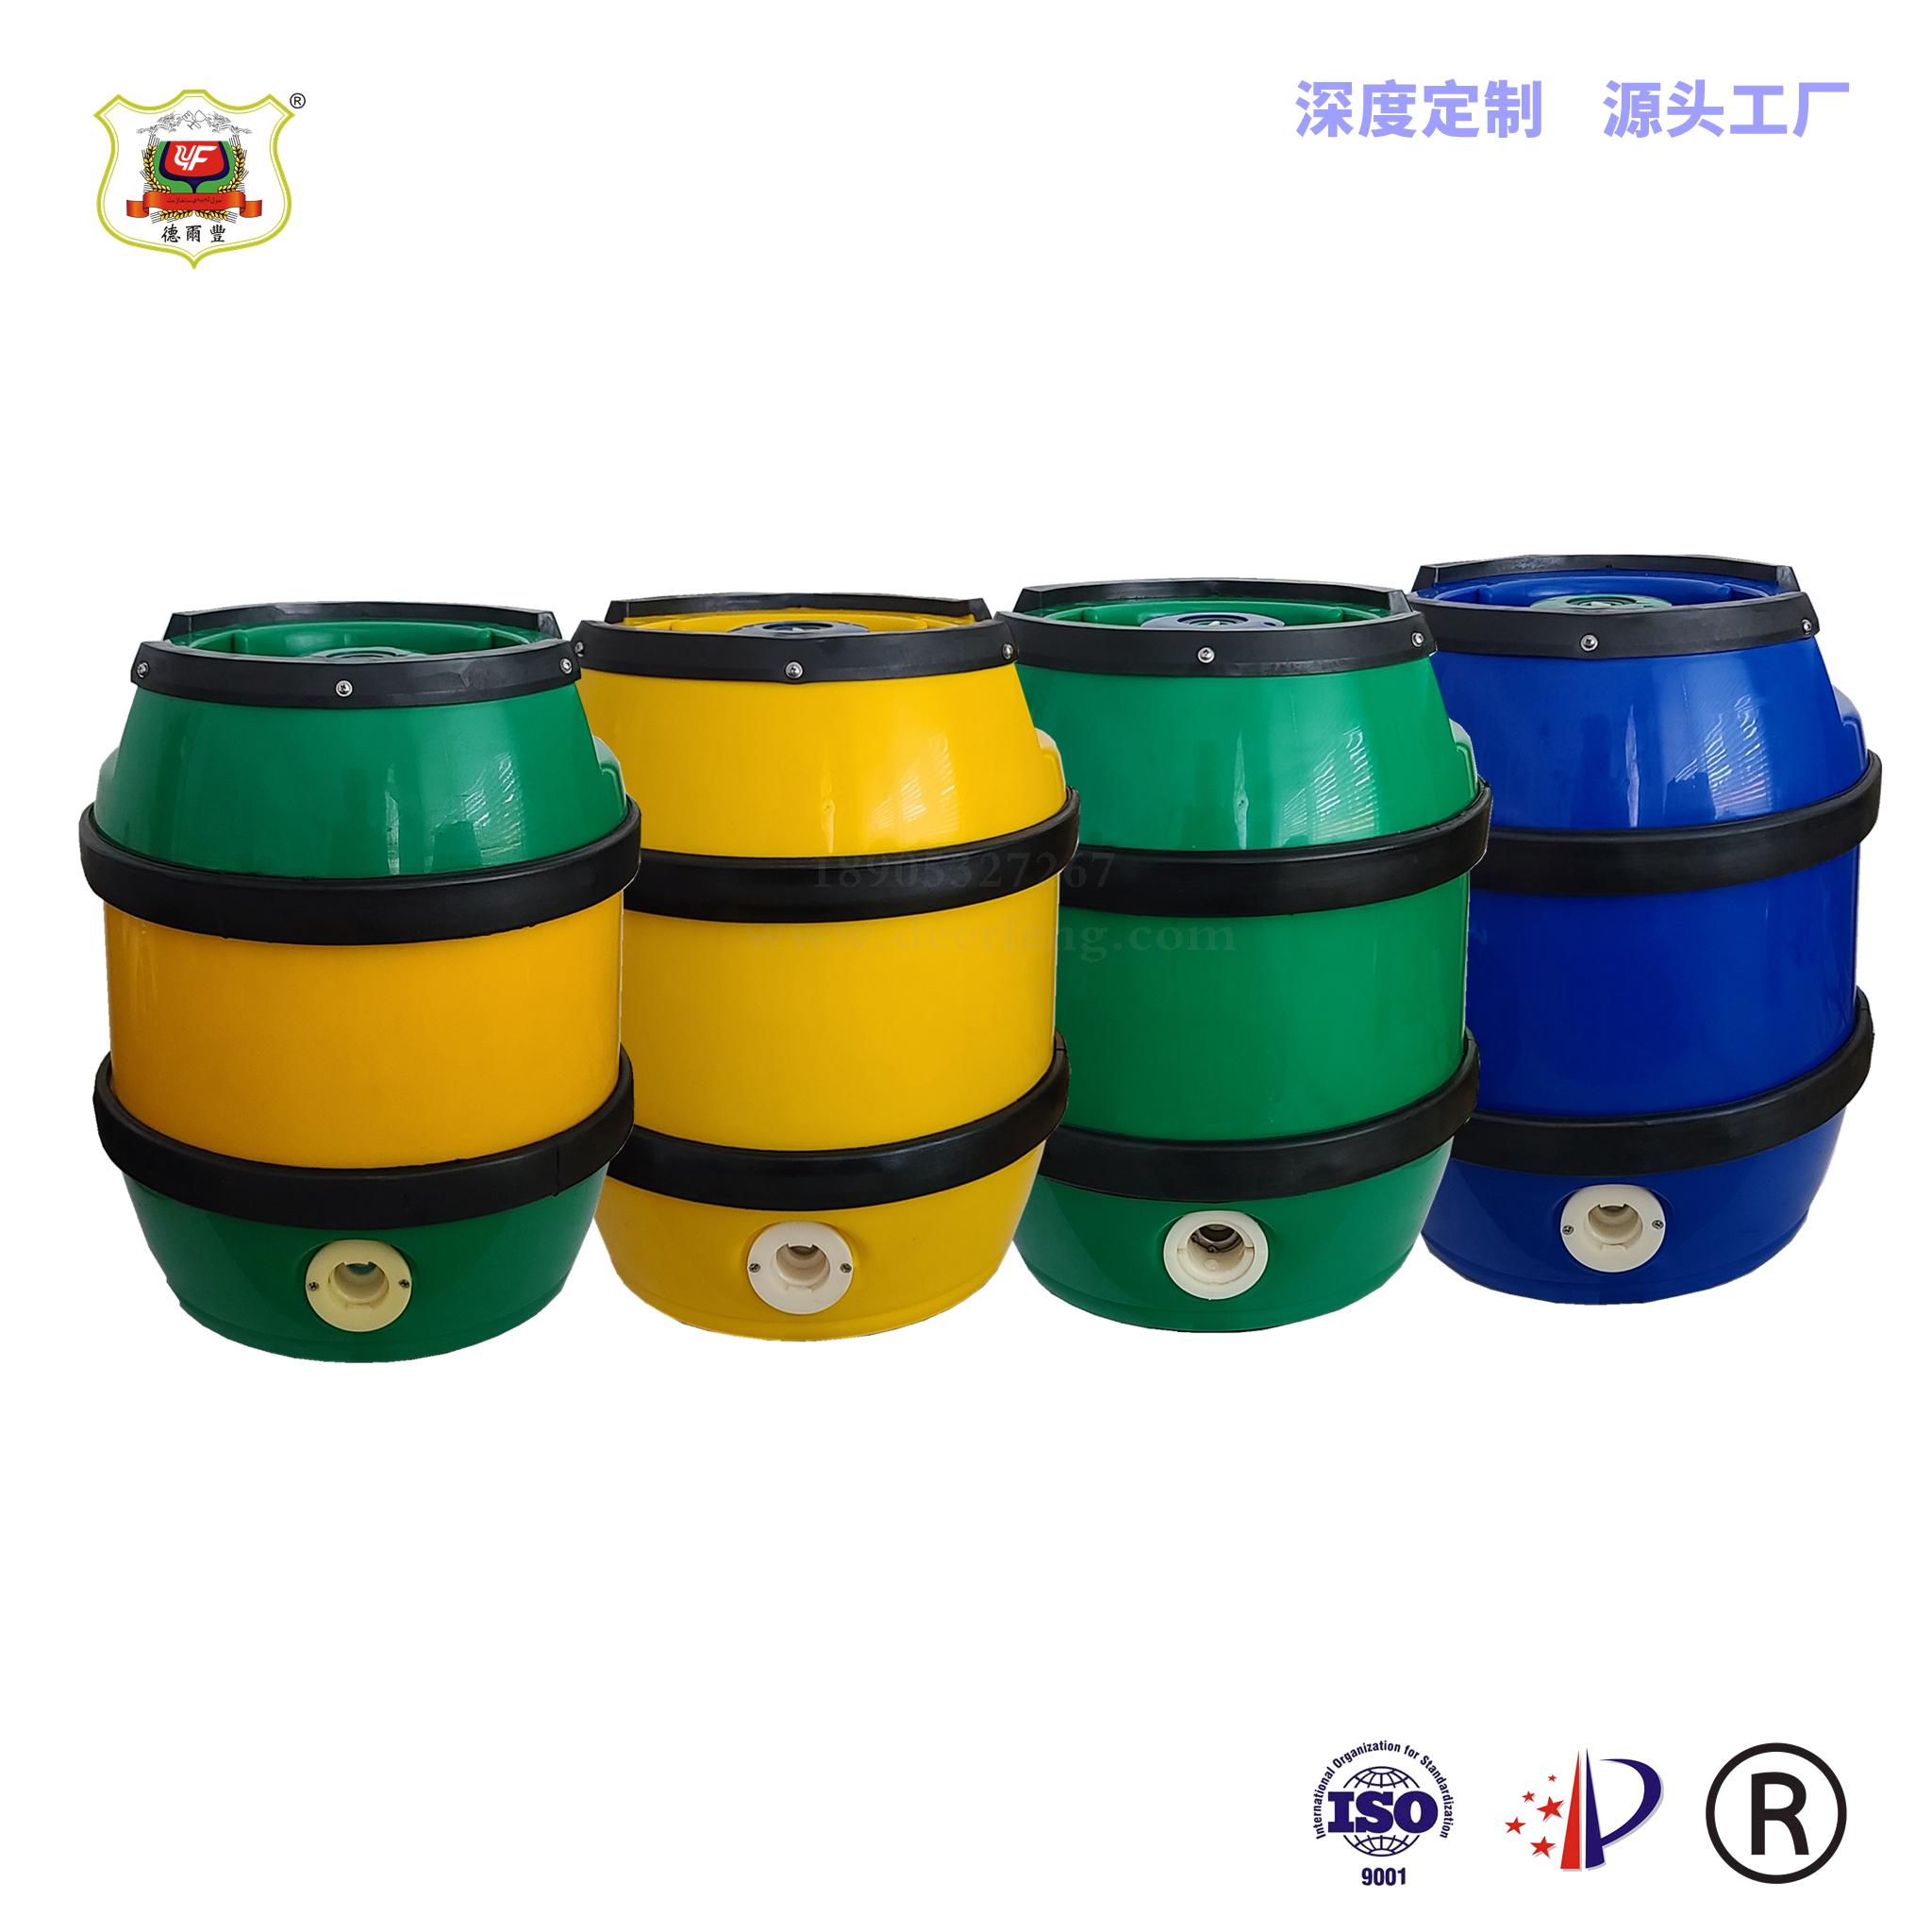 德爾豐 塑料啤酒桶 保溫桶 美標保鮮桶 扎啤桶 生啤桶 格瓦斯桶 啤酒桶生產廠家B-5L